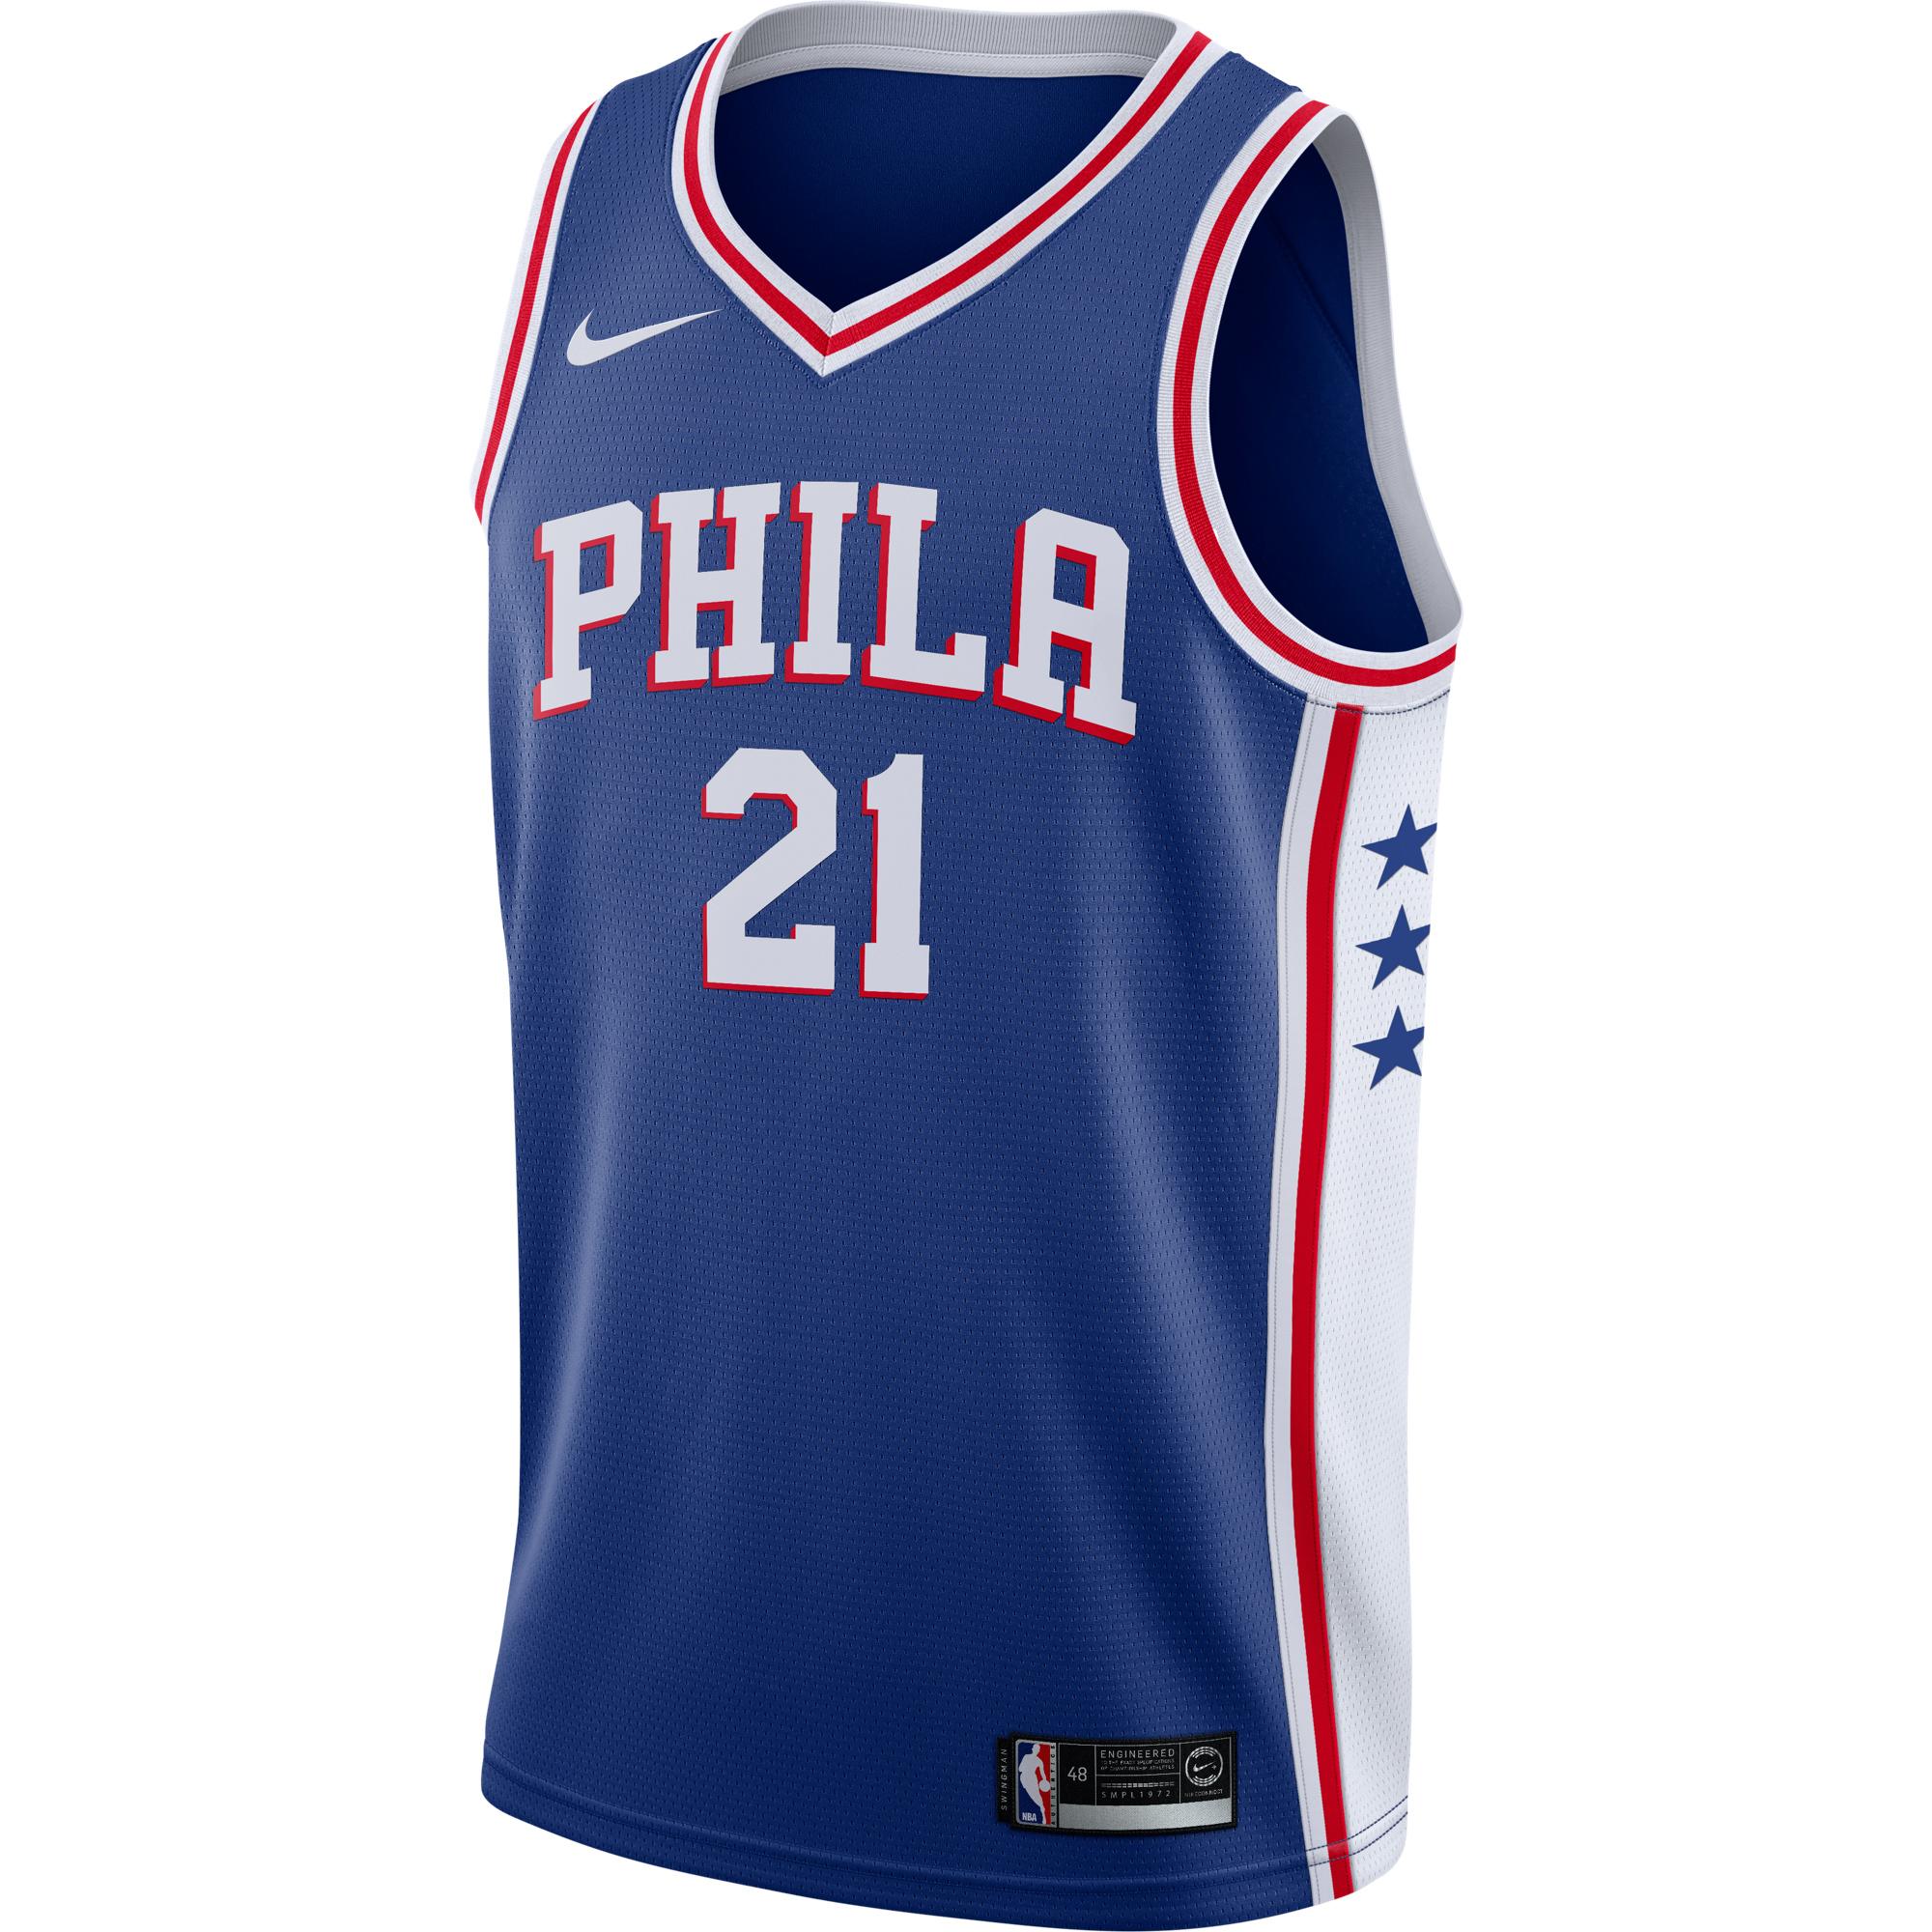 7db7ce1d7ab7 NBA Jerseys - Walmart.com